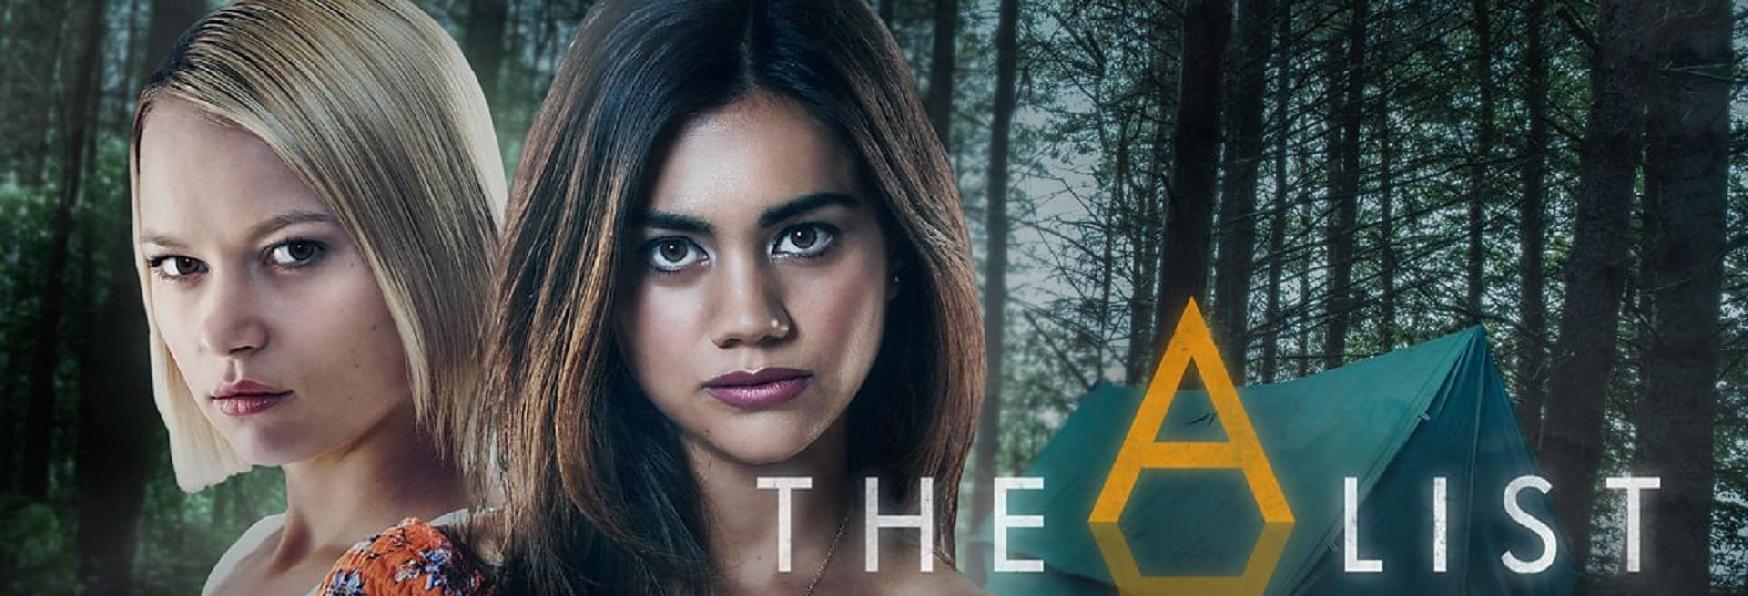 The A List: la Serie Televisiva Britannica sbarca sulla Piattaforma di Streaming Netflix